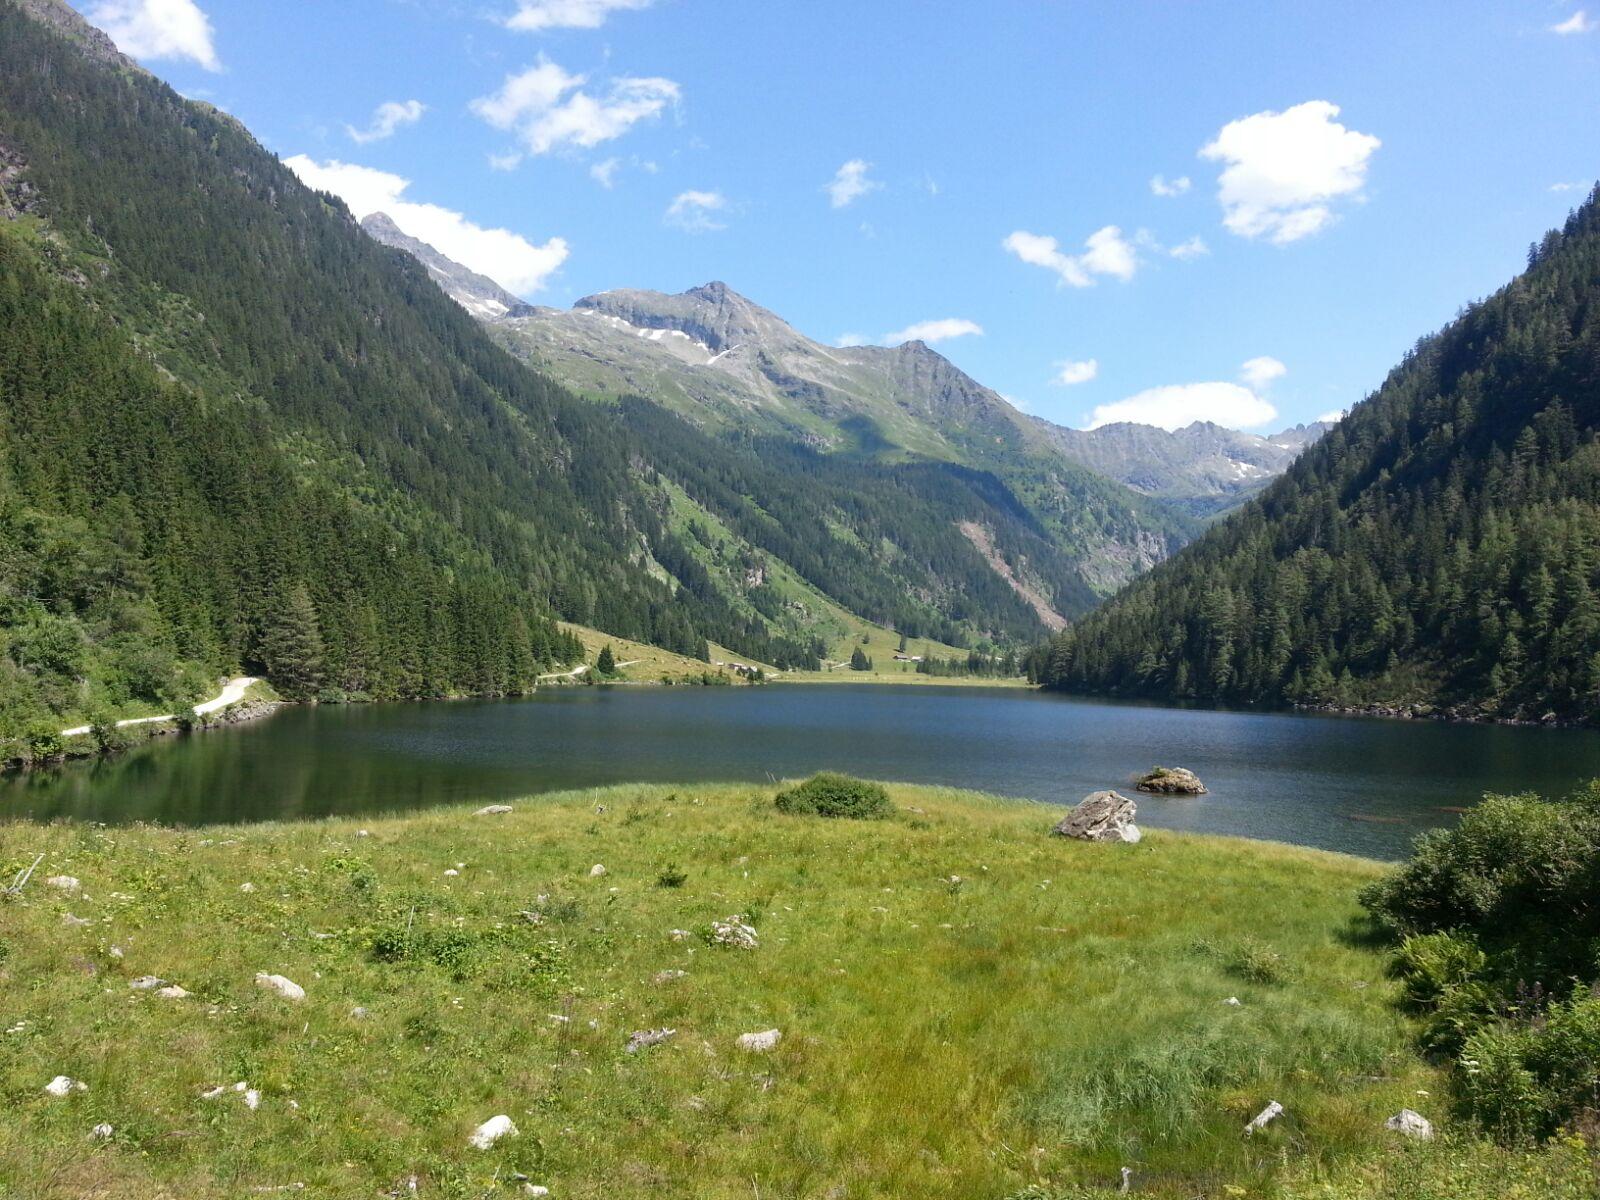 Blick auf den Riesachsee. An seinem Ende liegt die Kaltenbachalm.